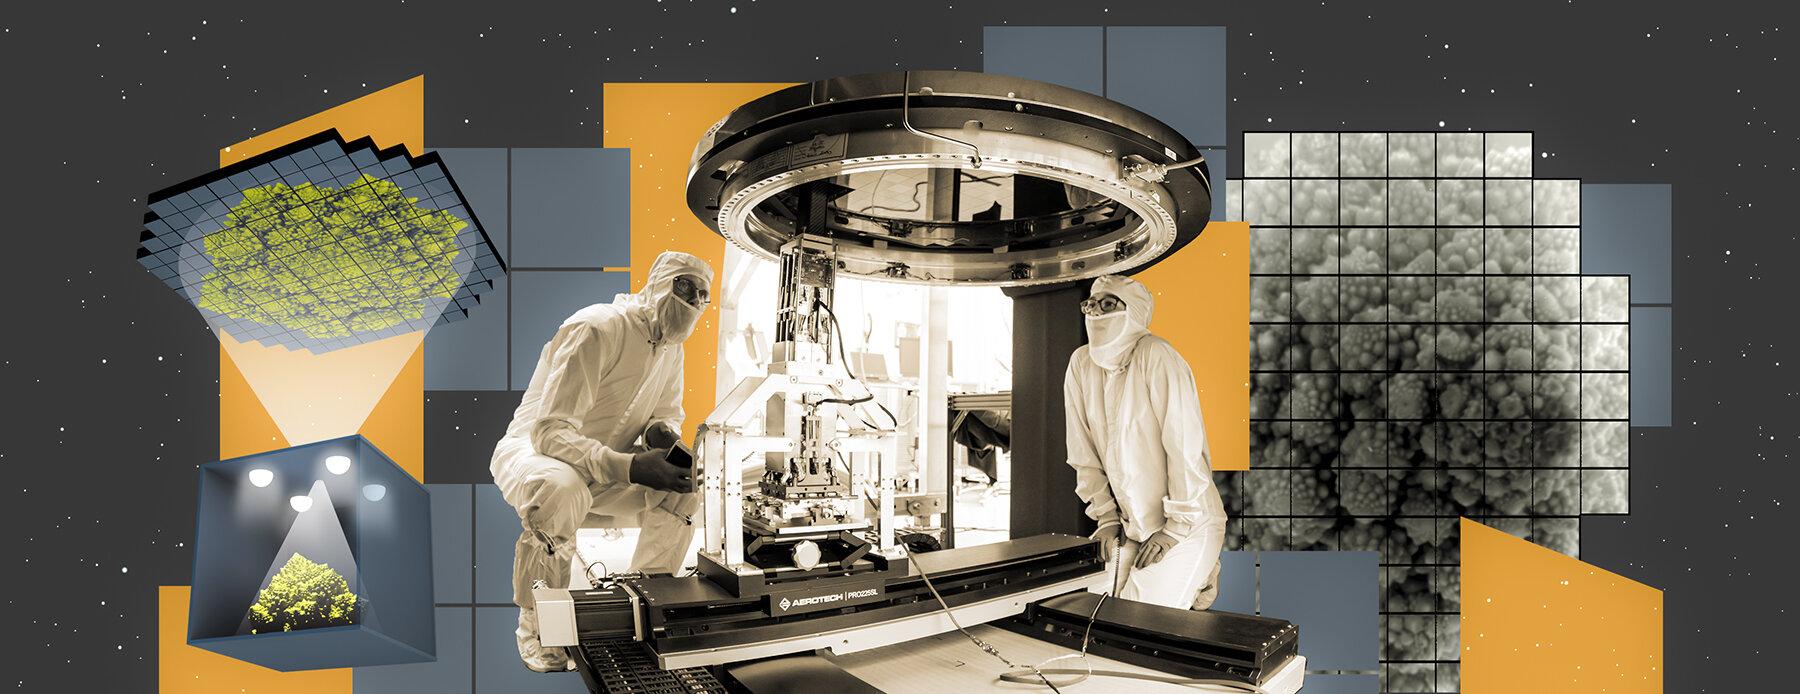 První snímky největší digitální kamery světa. Kredit: Greg Stewart/SLAC National Accelerator Laboratory.